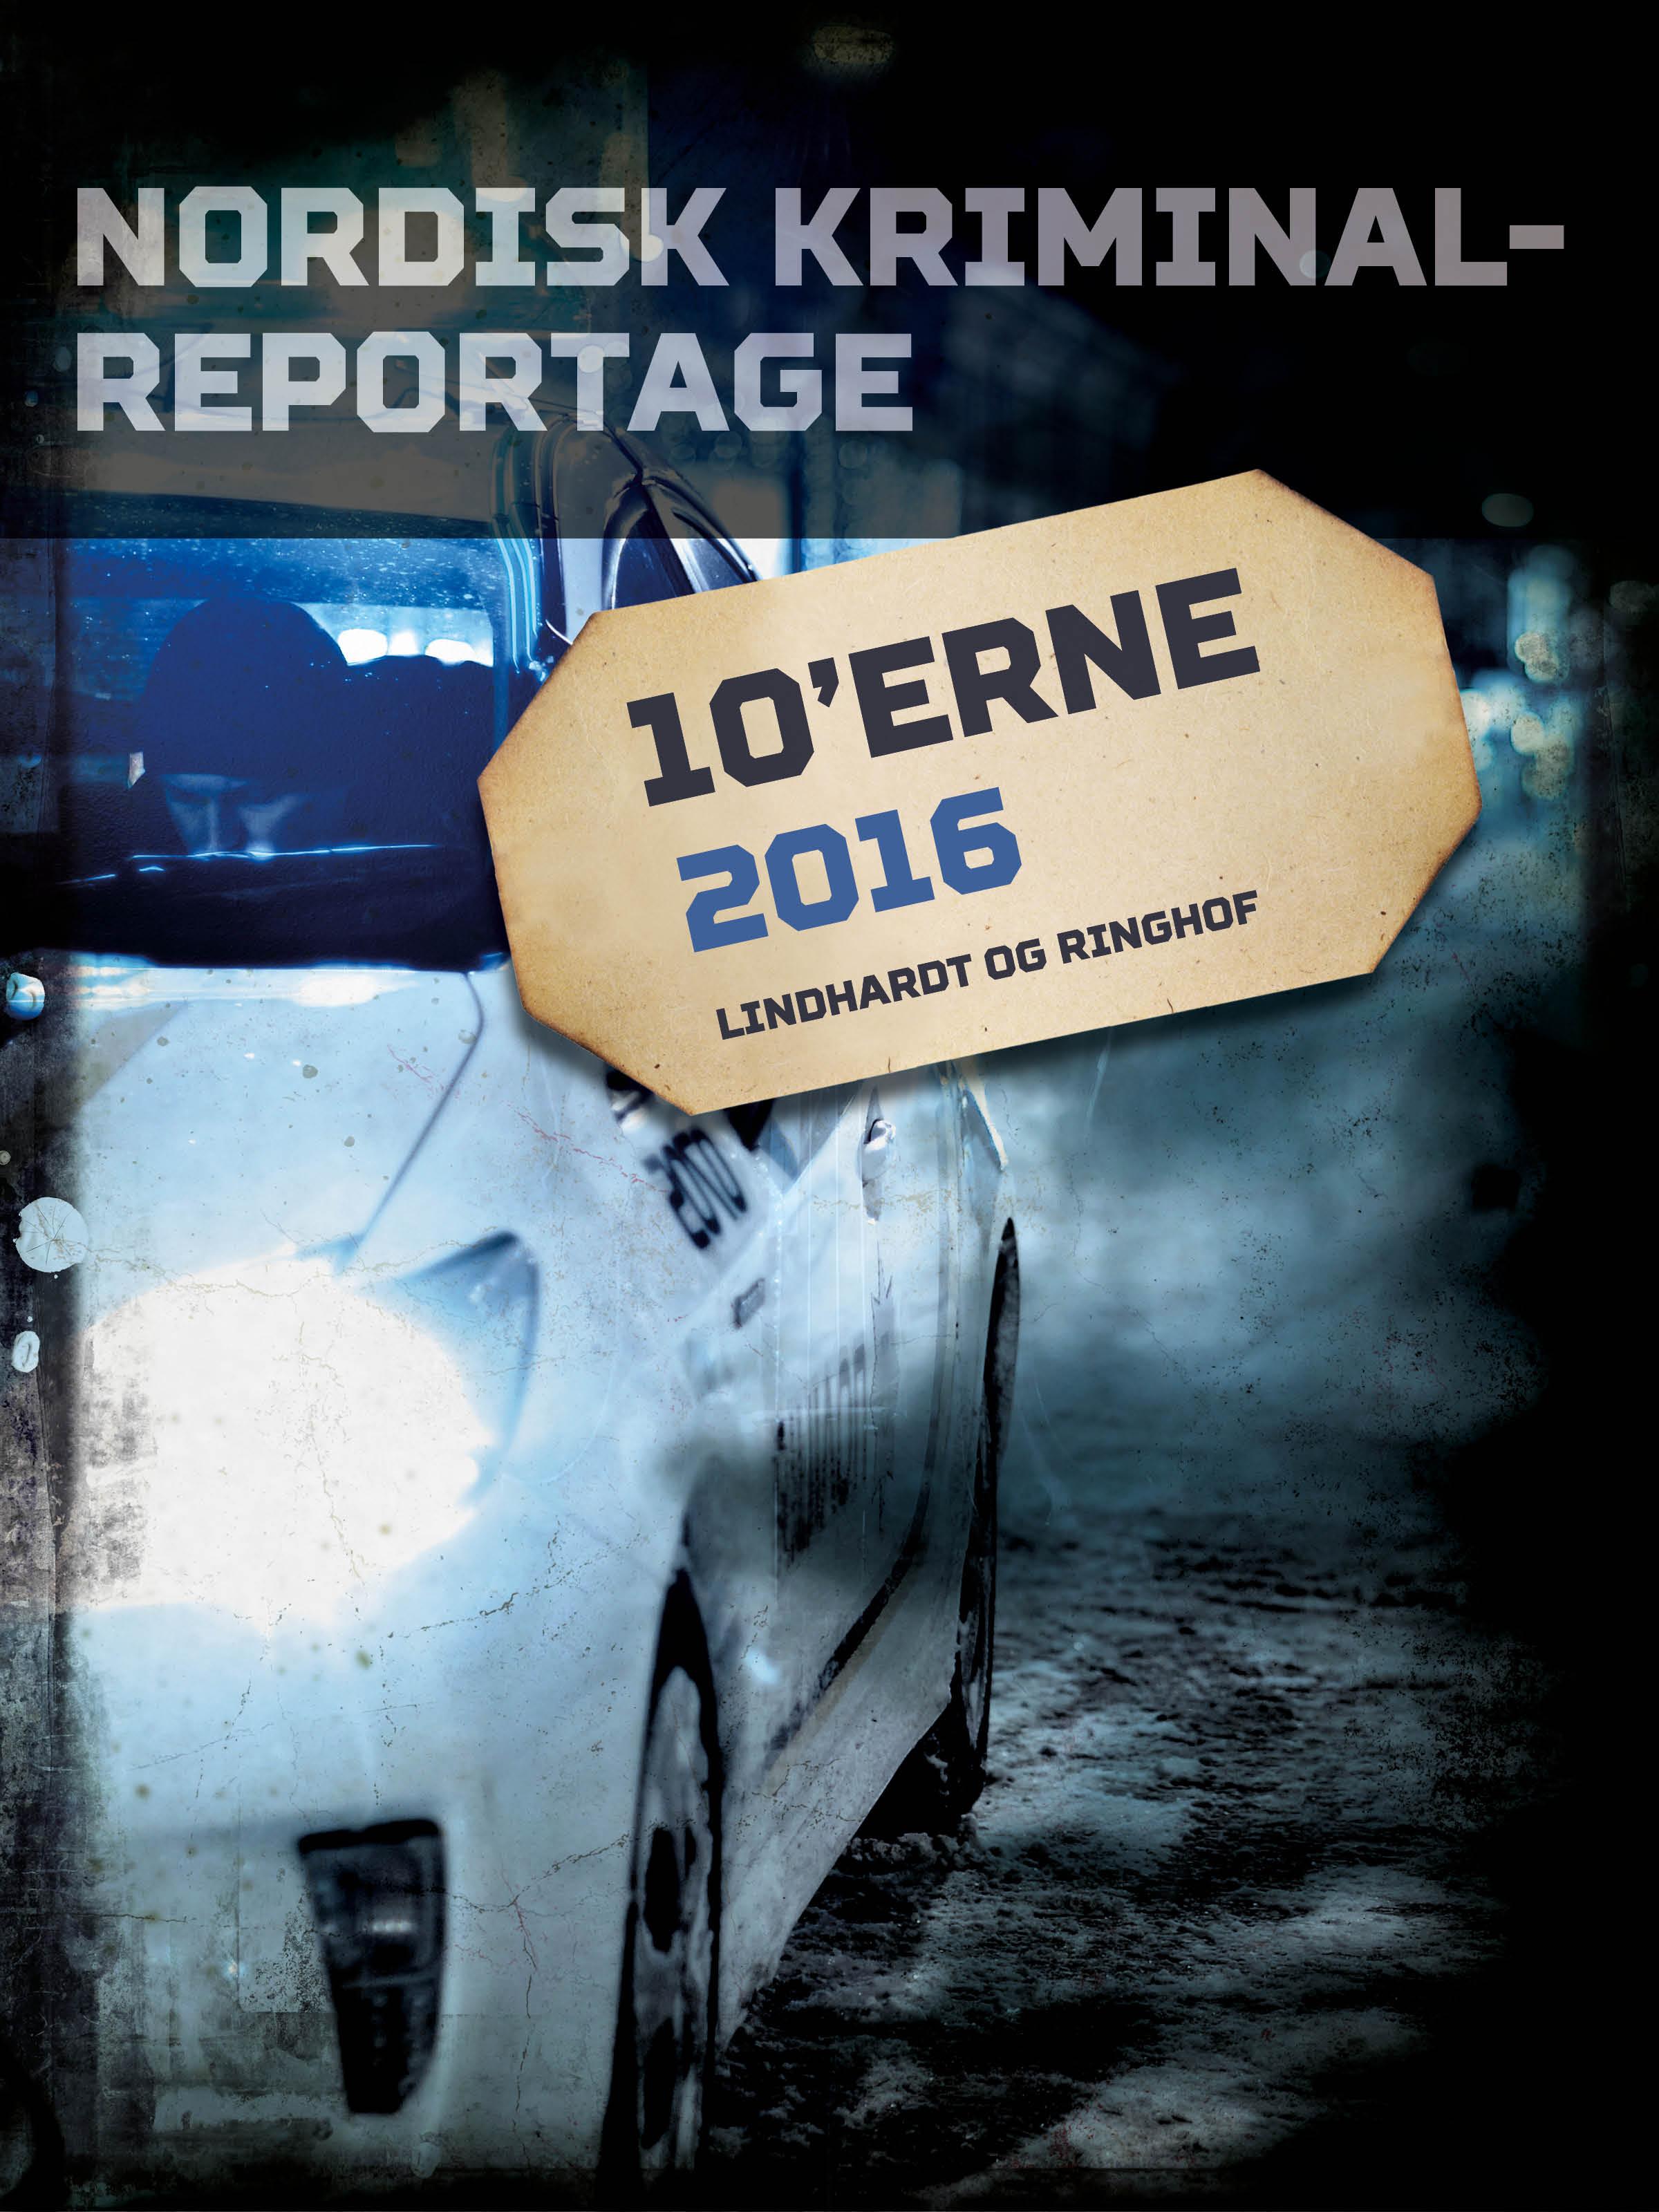 Nordisk Kriminalreportage, kriminalsager, efterforskning, politiarbejde